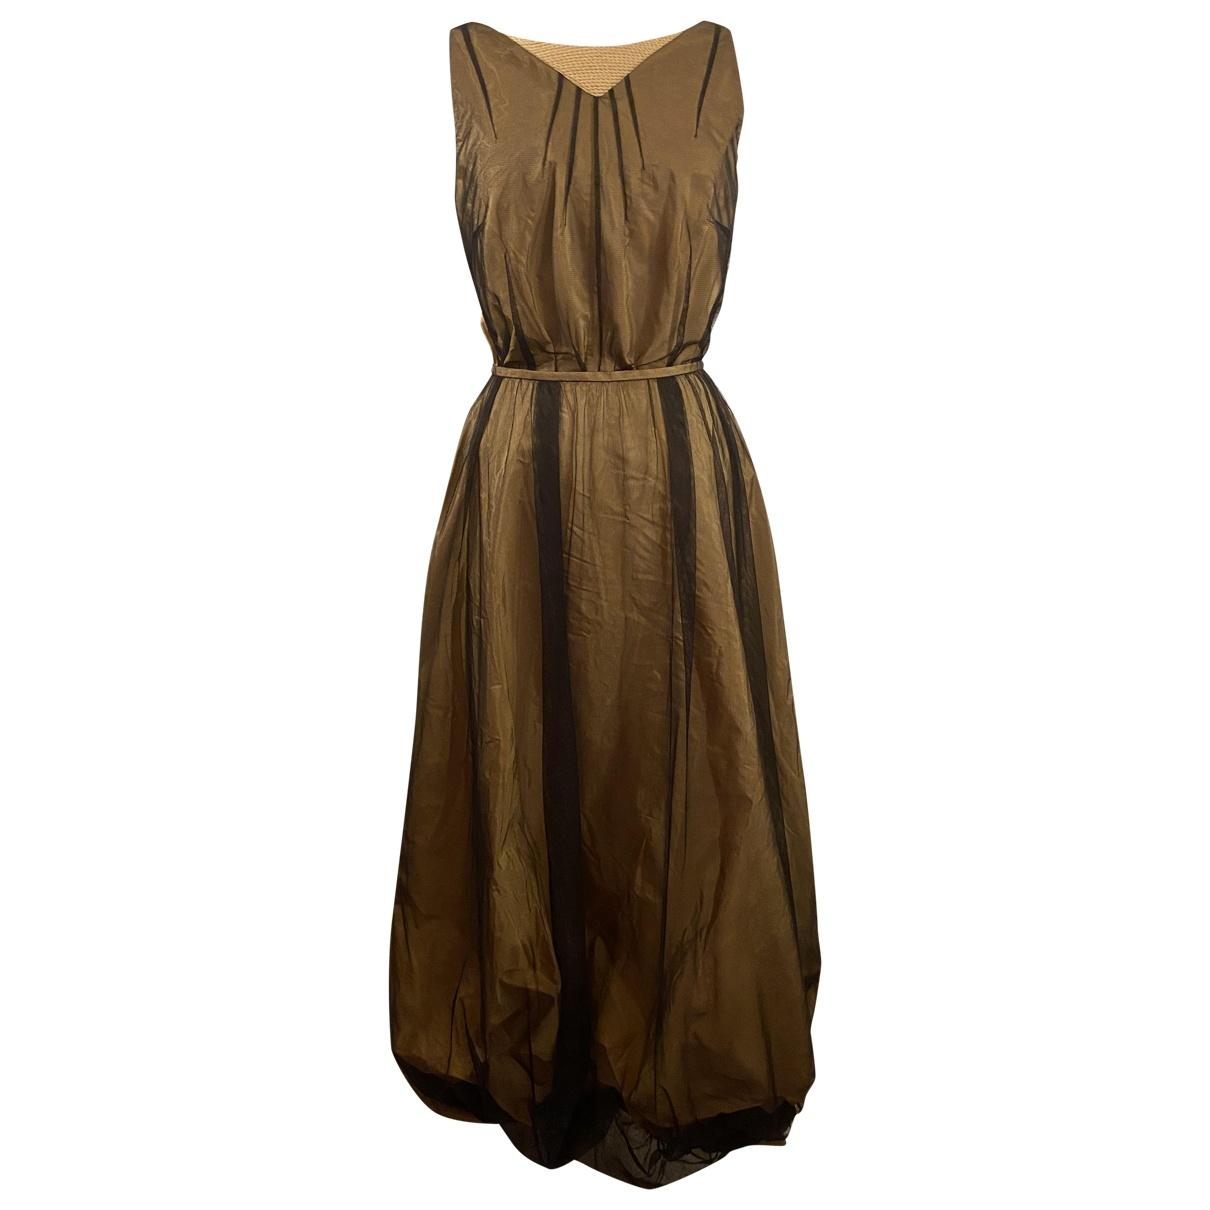 Laurel \N Kleid in  Beige Seide